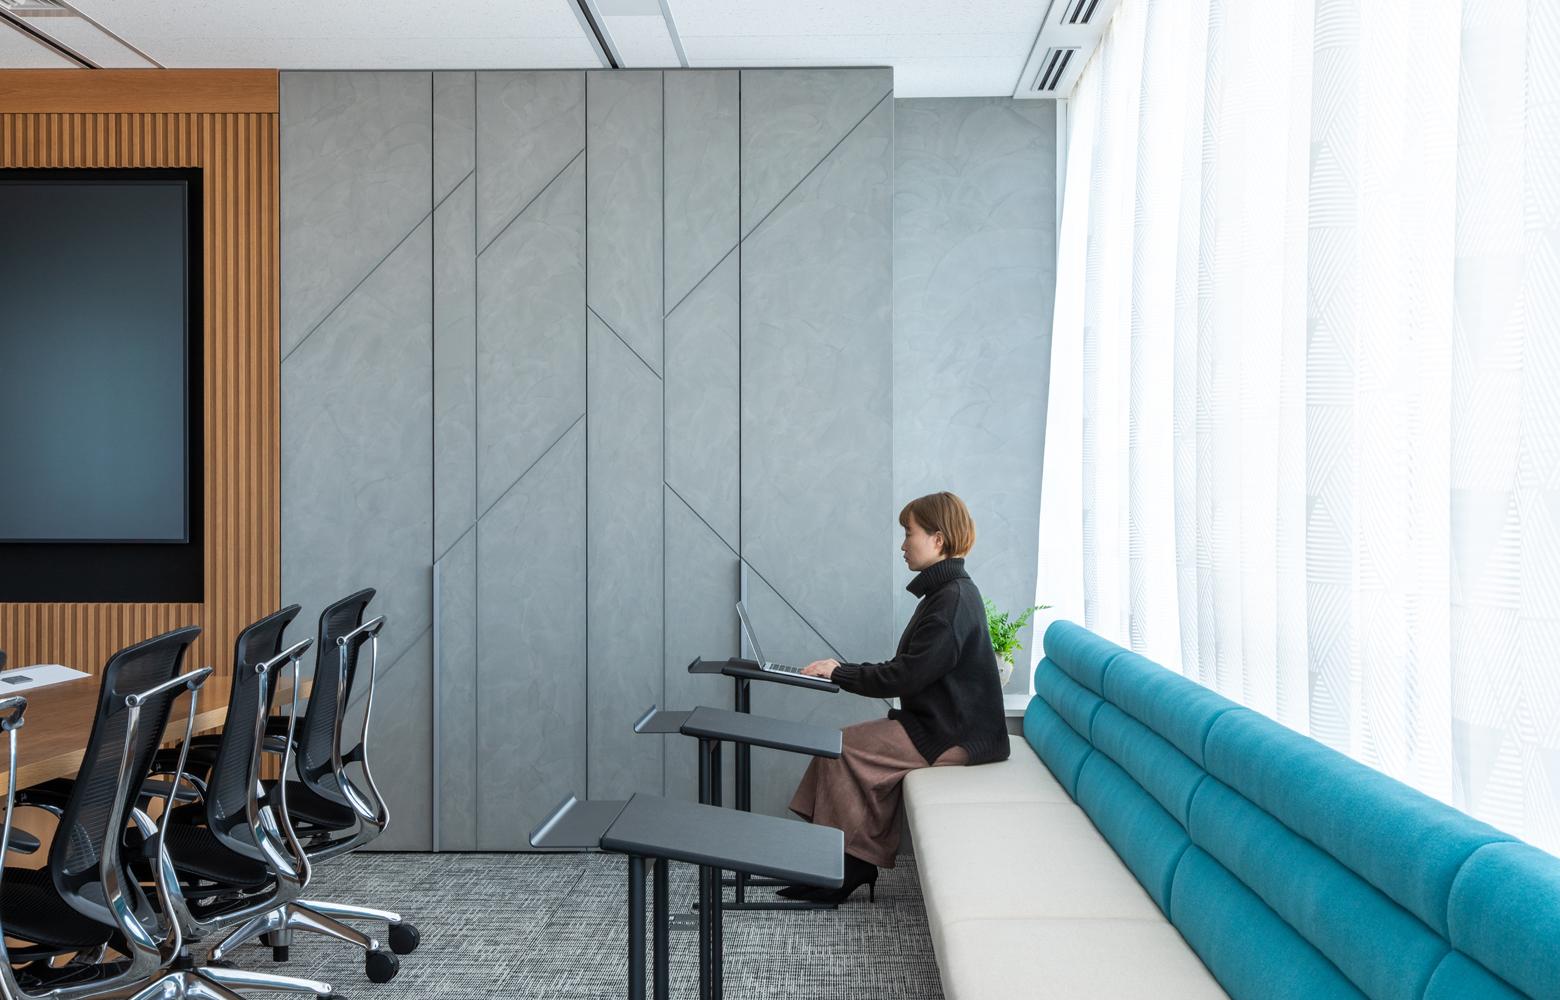 株式会社NTTデータMSE Shinyokohama Office Meeting Room_2 デザイン・レイアウト事例